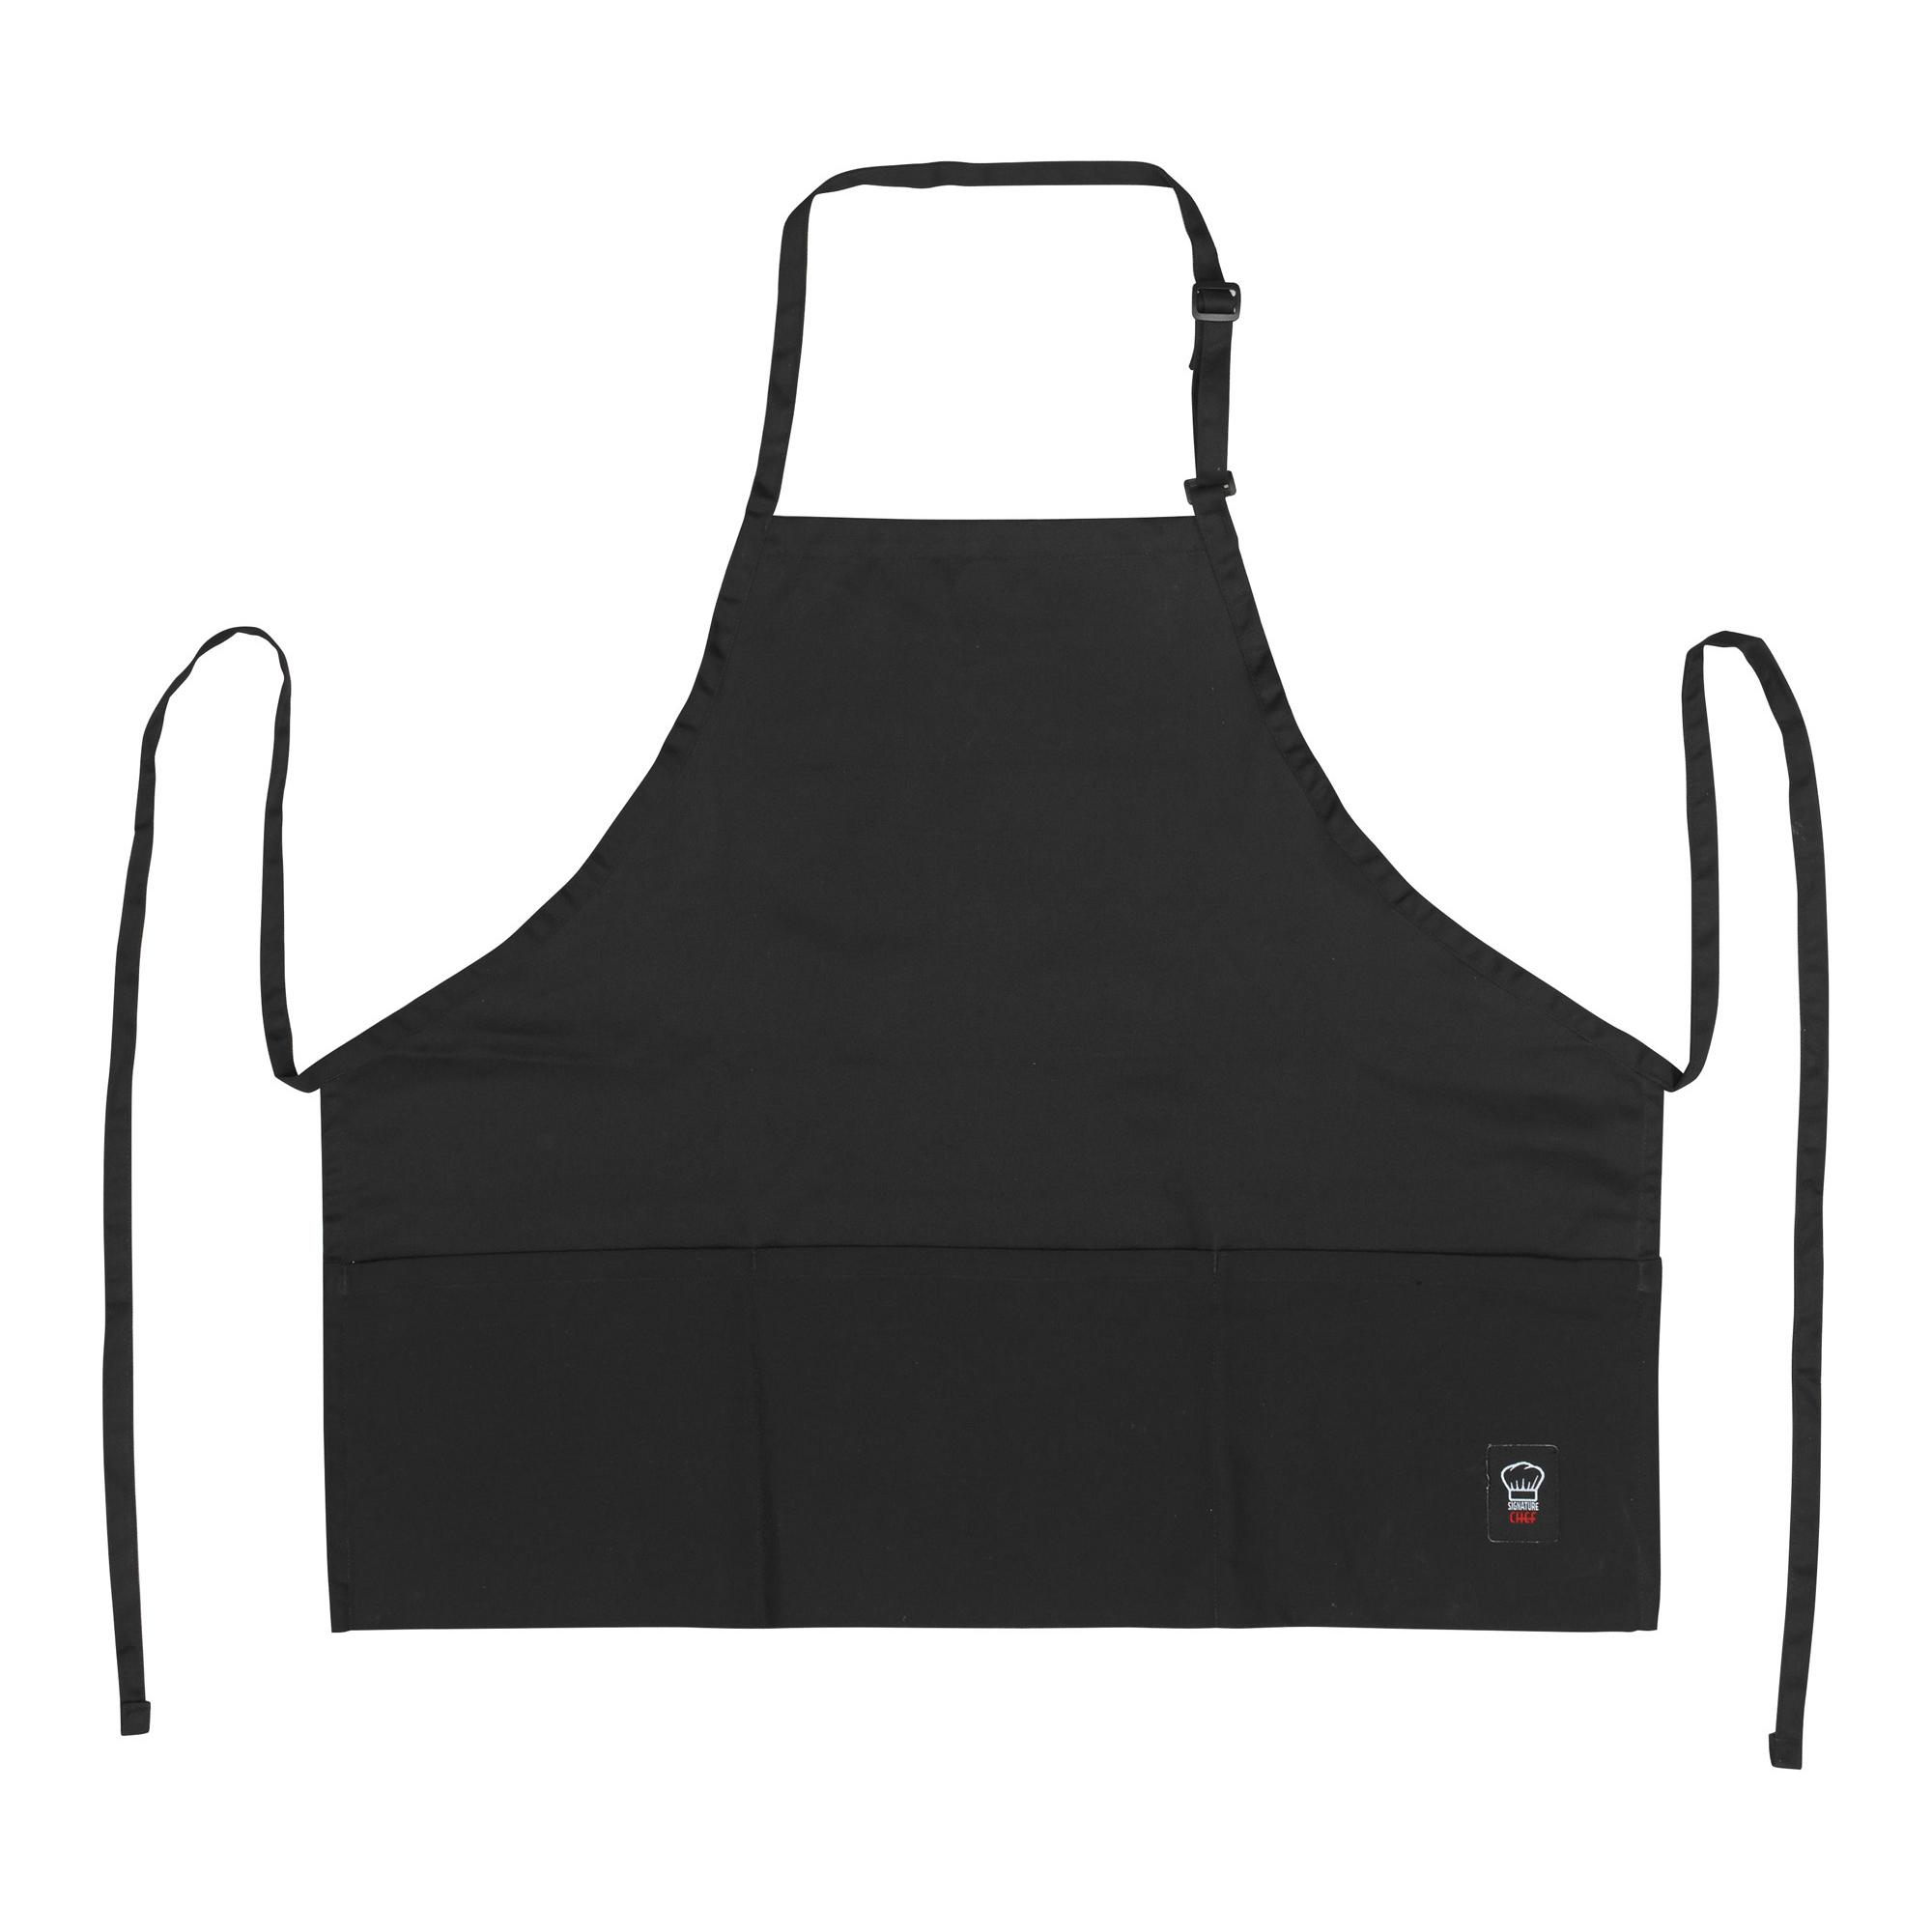 Winco BA-2724K bib apron